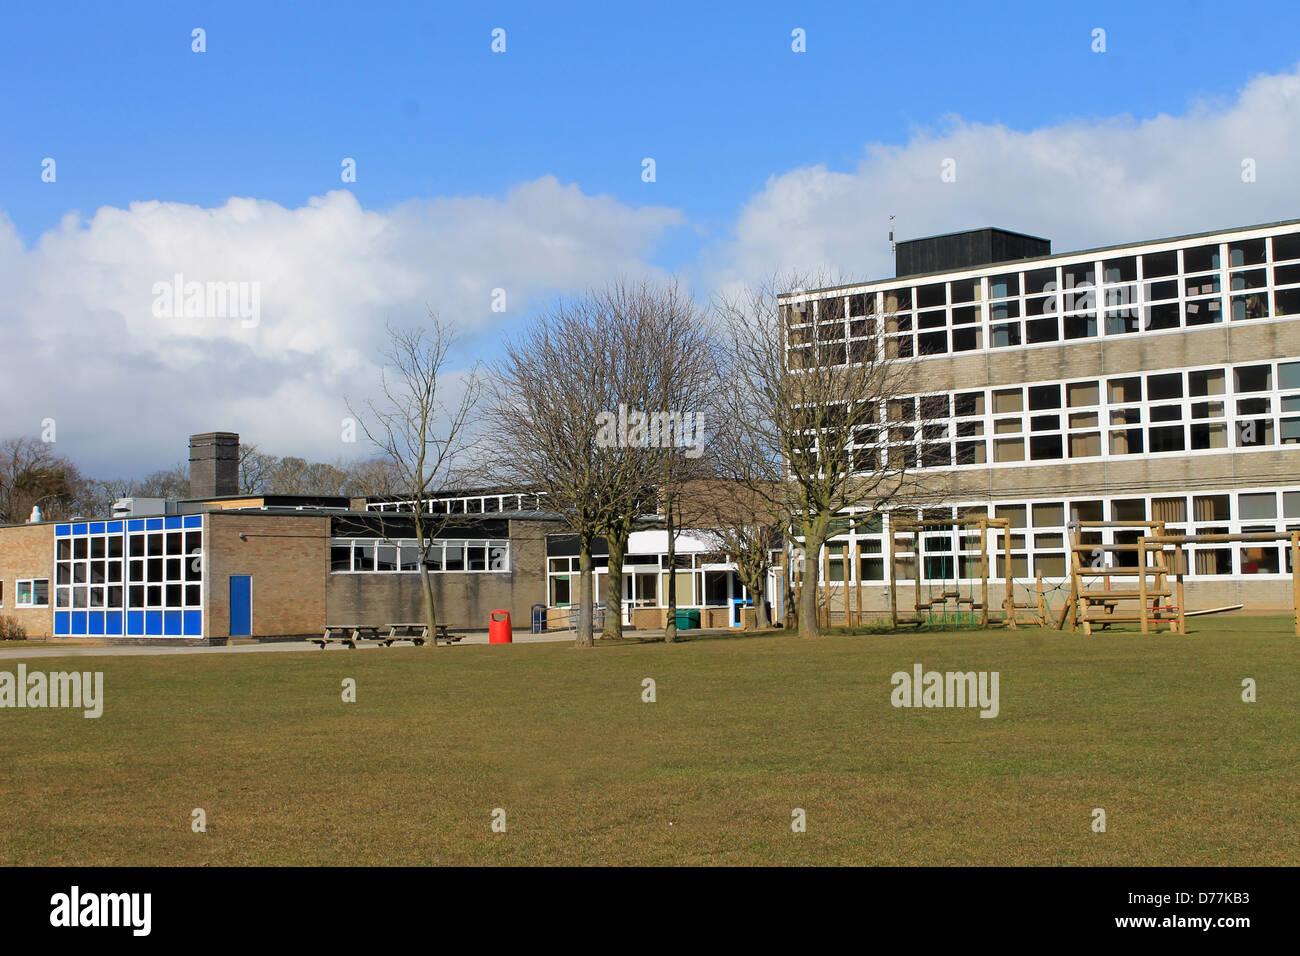 L'extérieur du bâtiment de l'école moderne avec terrain de jeu en premier plan. Photo Stock